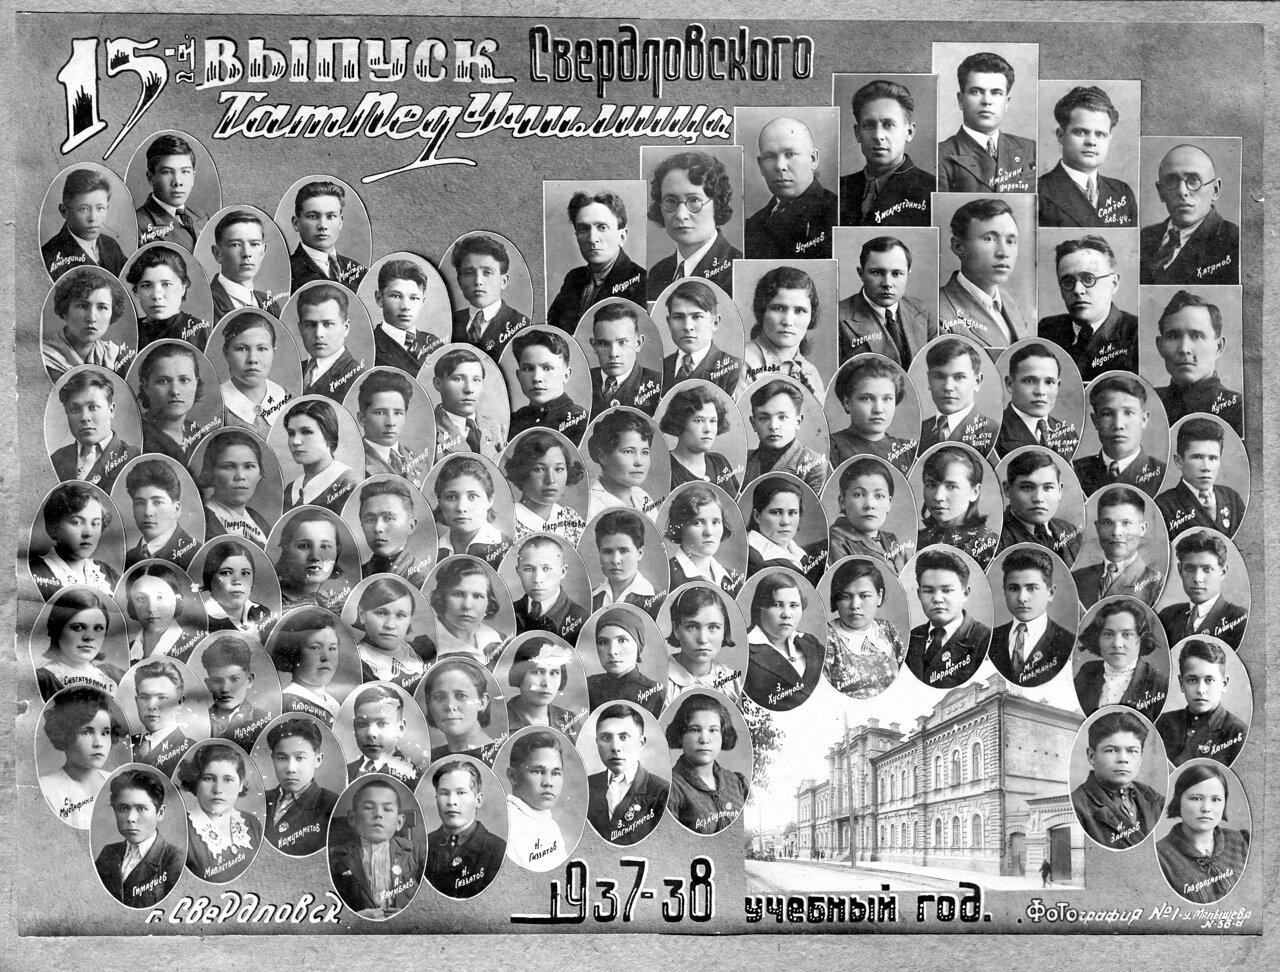 1937-1938. Свердловская татаро-башкирская педагогическая школа